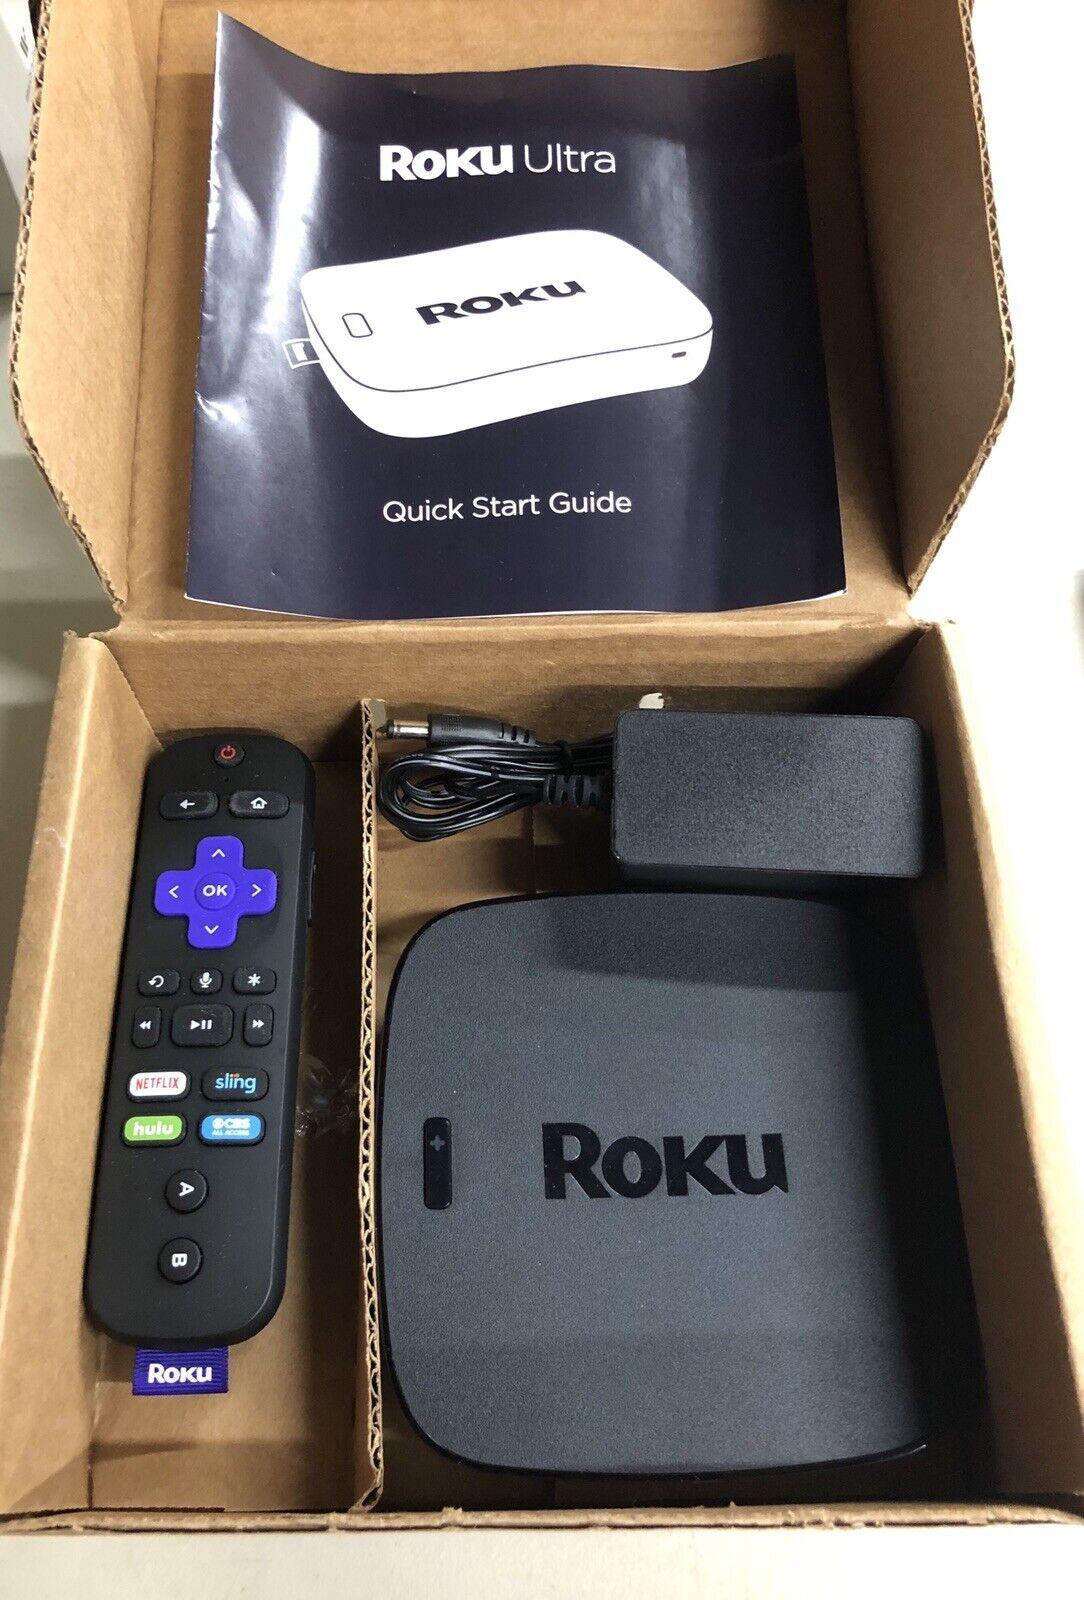 Roku 4660x2 Ultra 4K/HD/HDR Streaming Media Player / Fast Shipping 4660x2 fast media player roku shipping streaming ultra